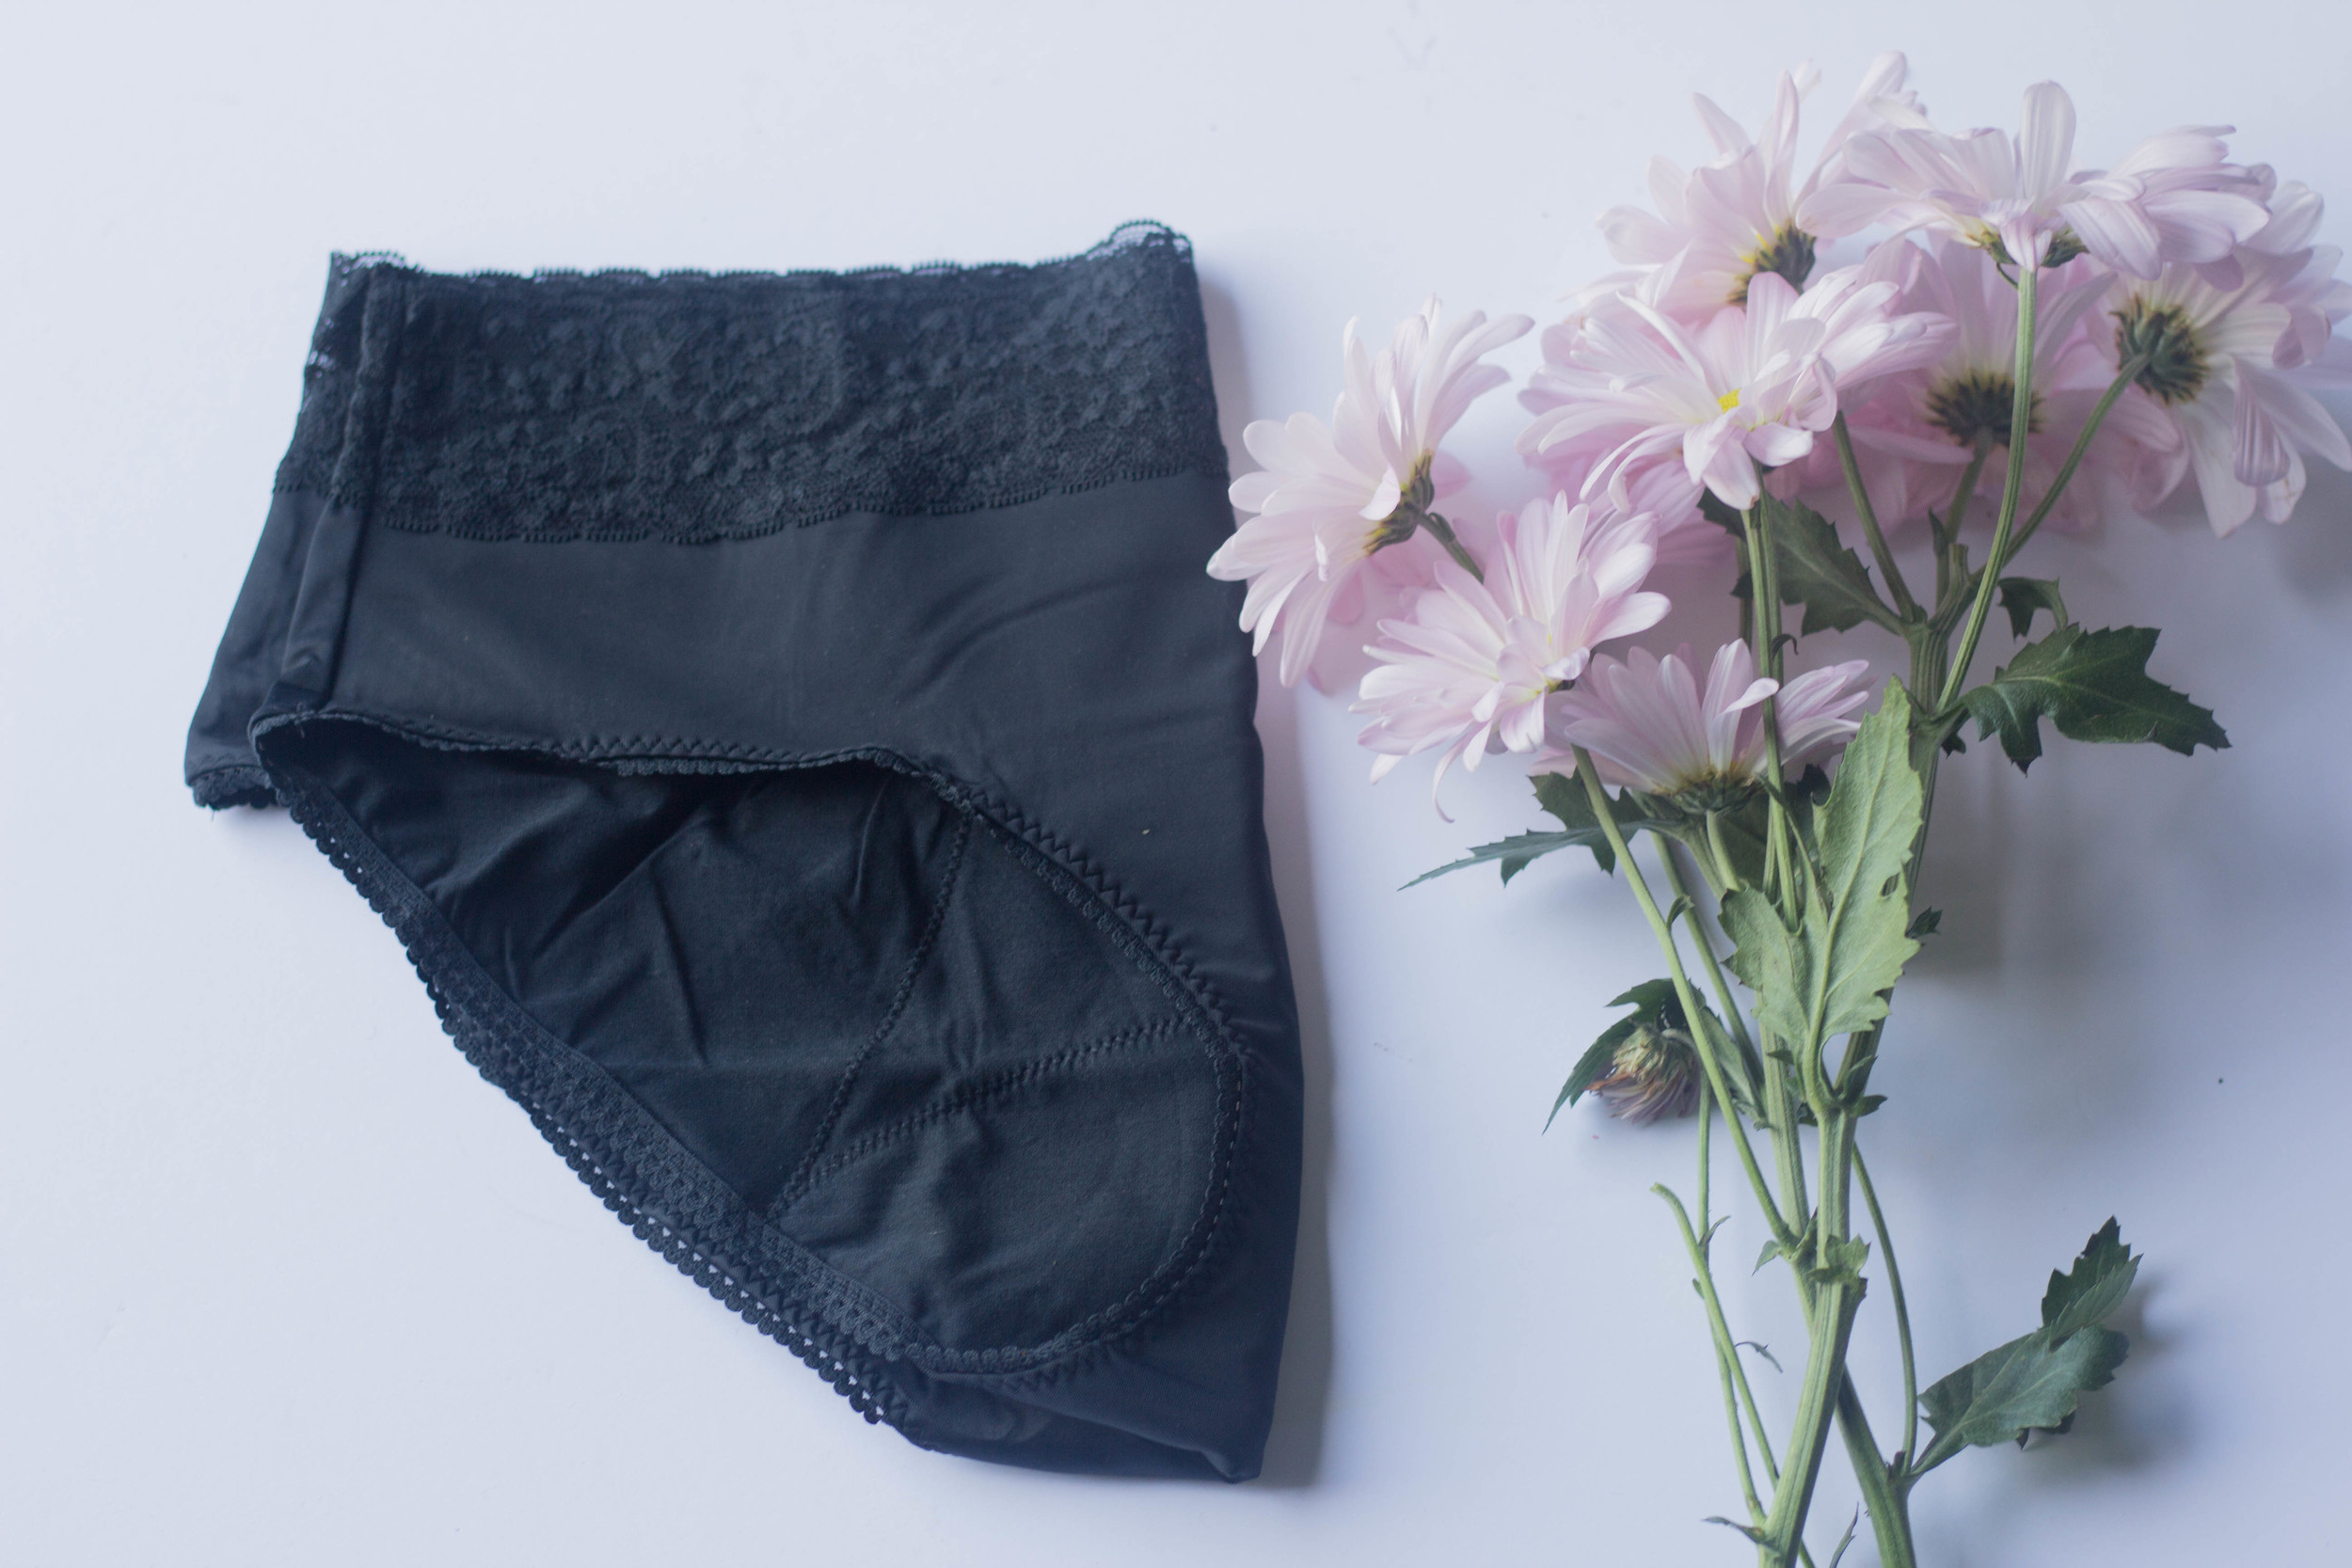 thinx, period underwear, undies, women, menstruation, period panties